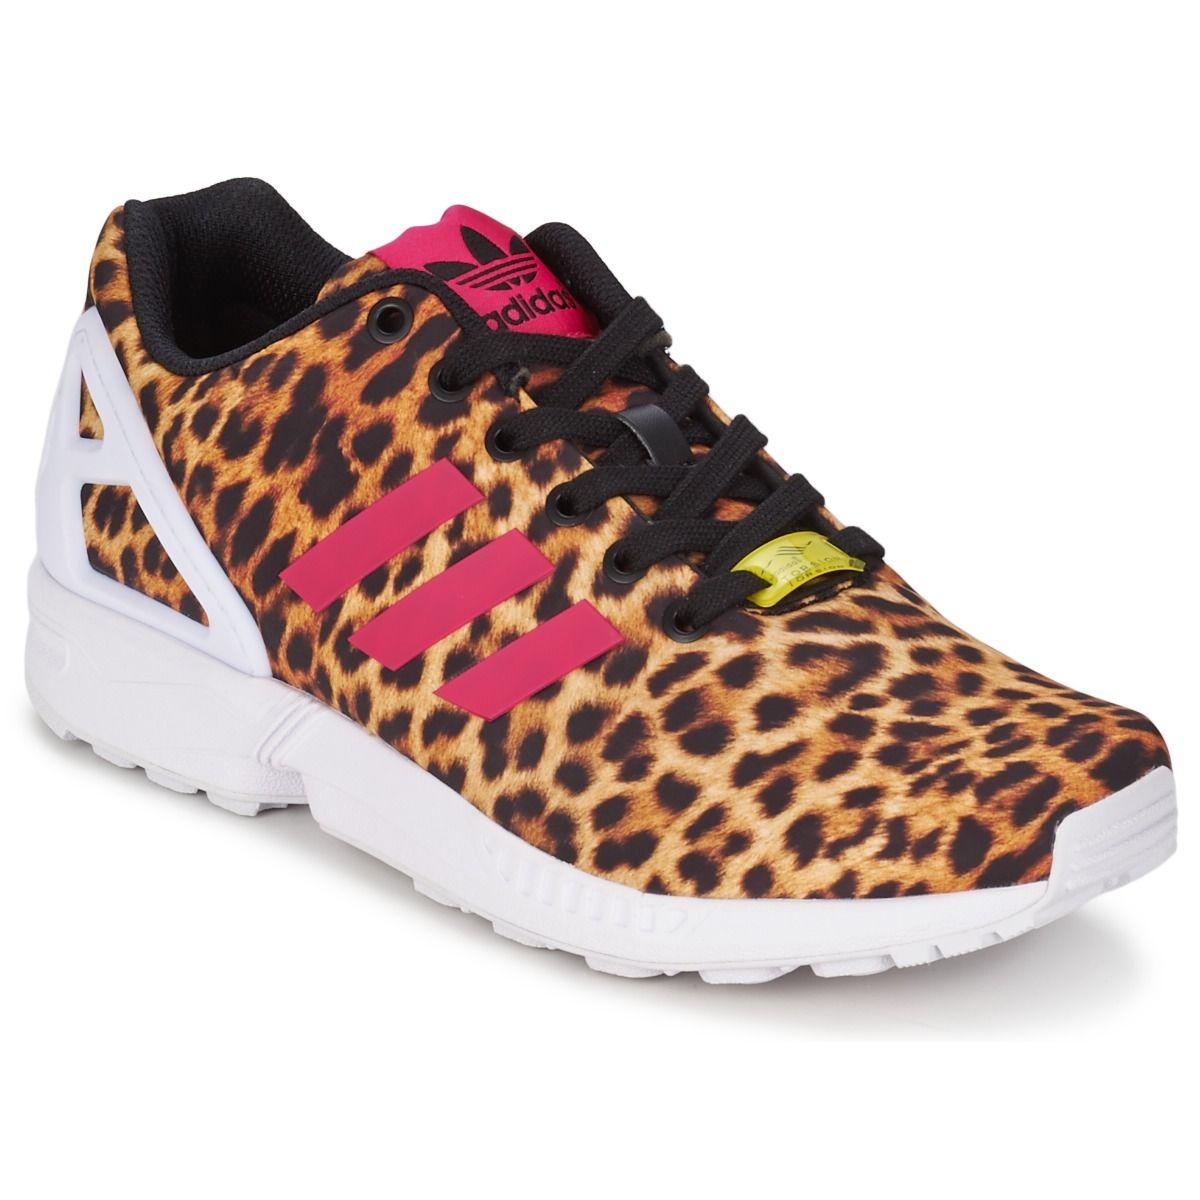 pretty nice 95432 6f98e Baskets basses adidas Originals ZX FLUX W Léopard - achat de chaussures en  ligne, boutique chaussure pas cher sur Shoes.fr ! - Chaussures Femme 89,99 €